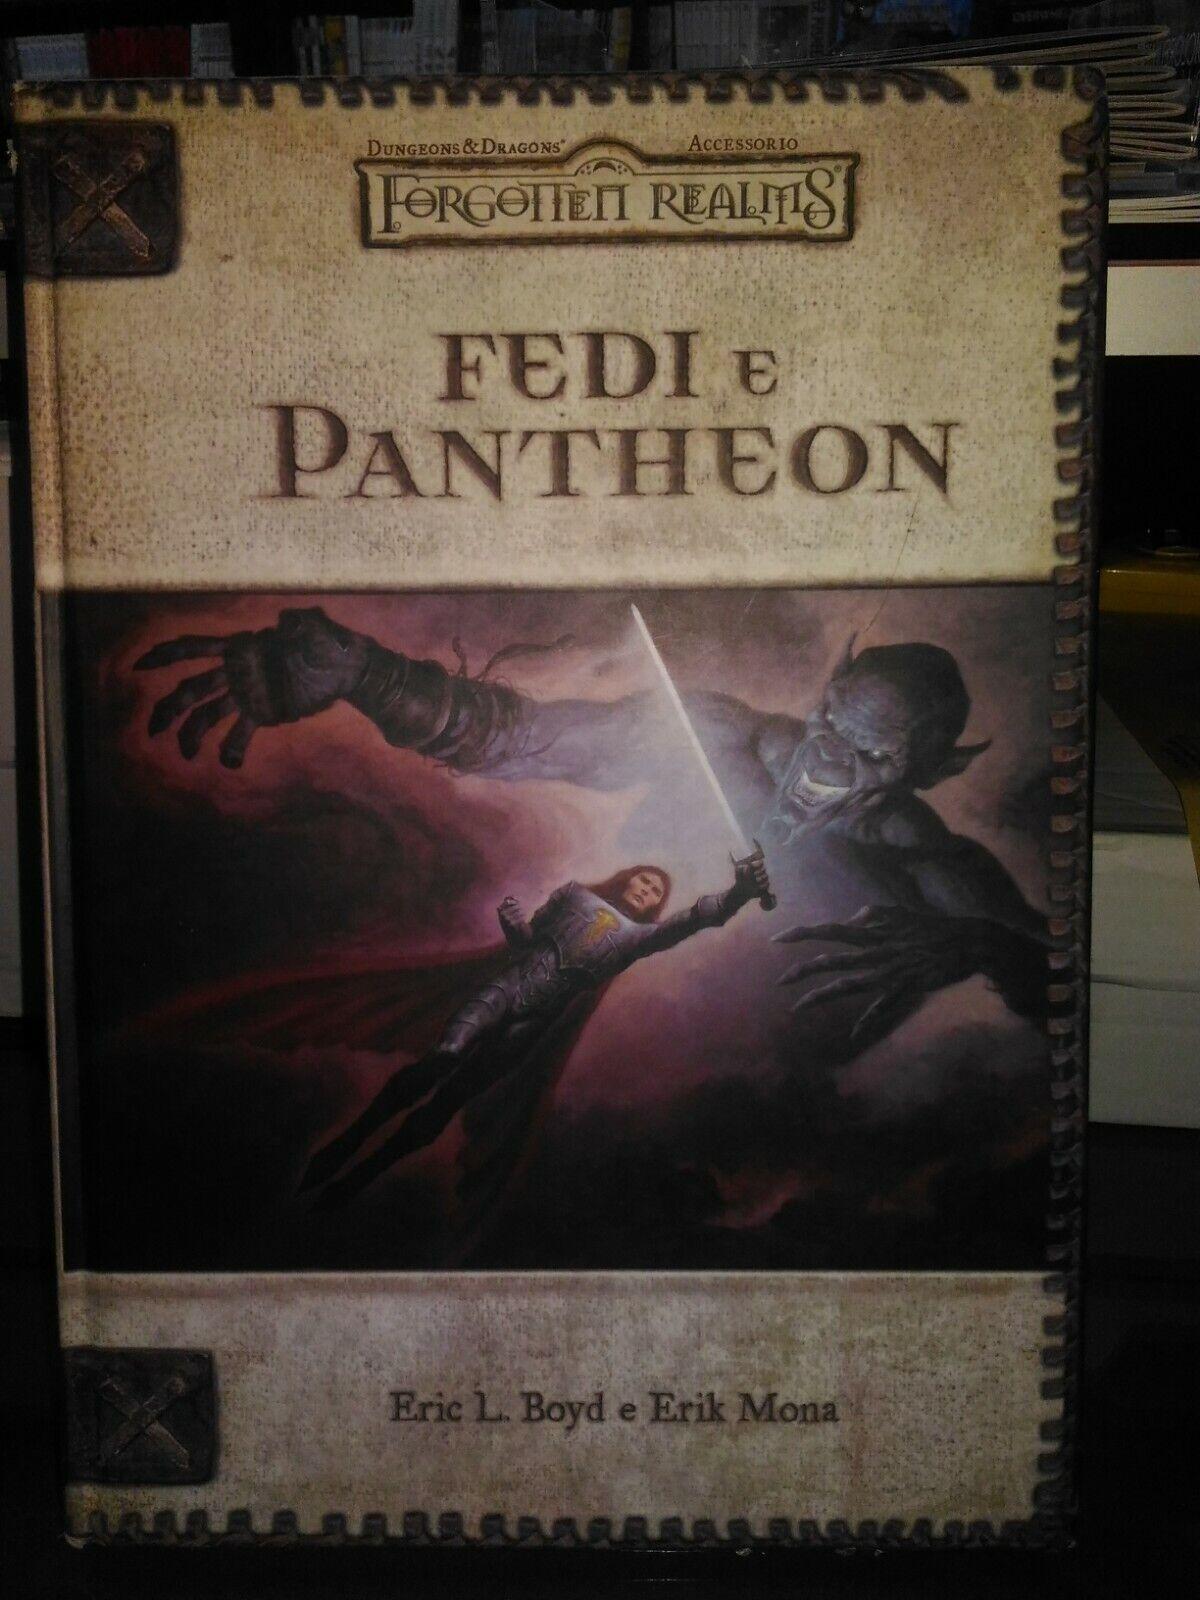 DUNGEONS & DRAGONS FORGOTTEN REALMS FEDI E PANTHEON TWENTY  FIVE edizione  spedizione gratuita in tutto il mondo